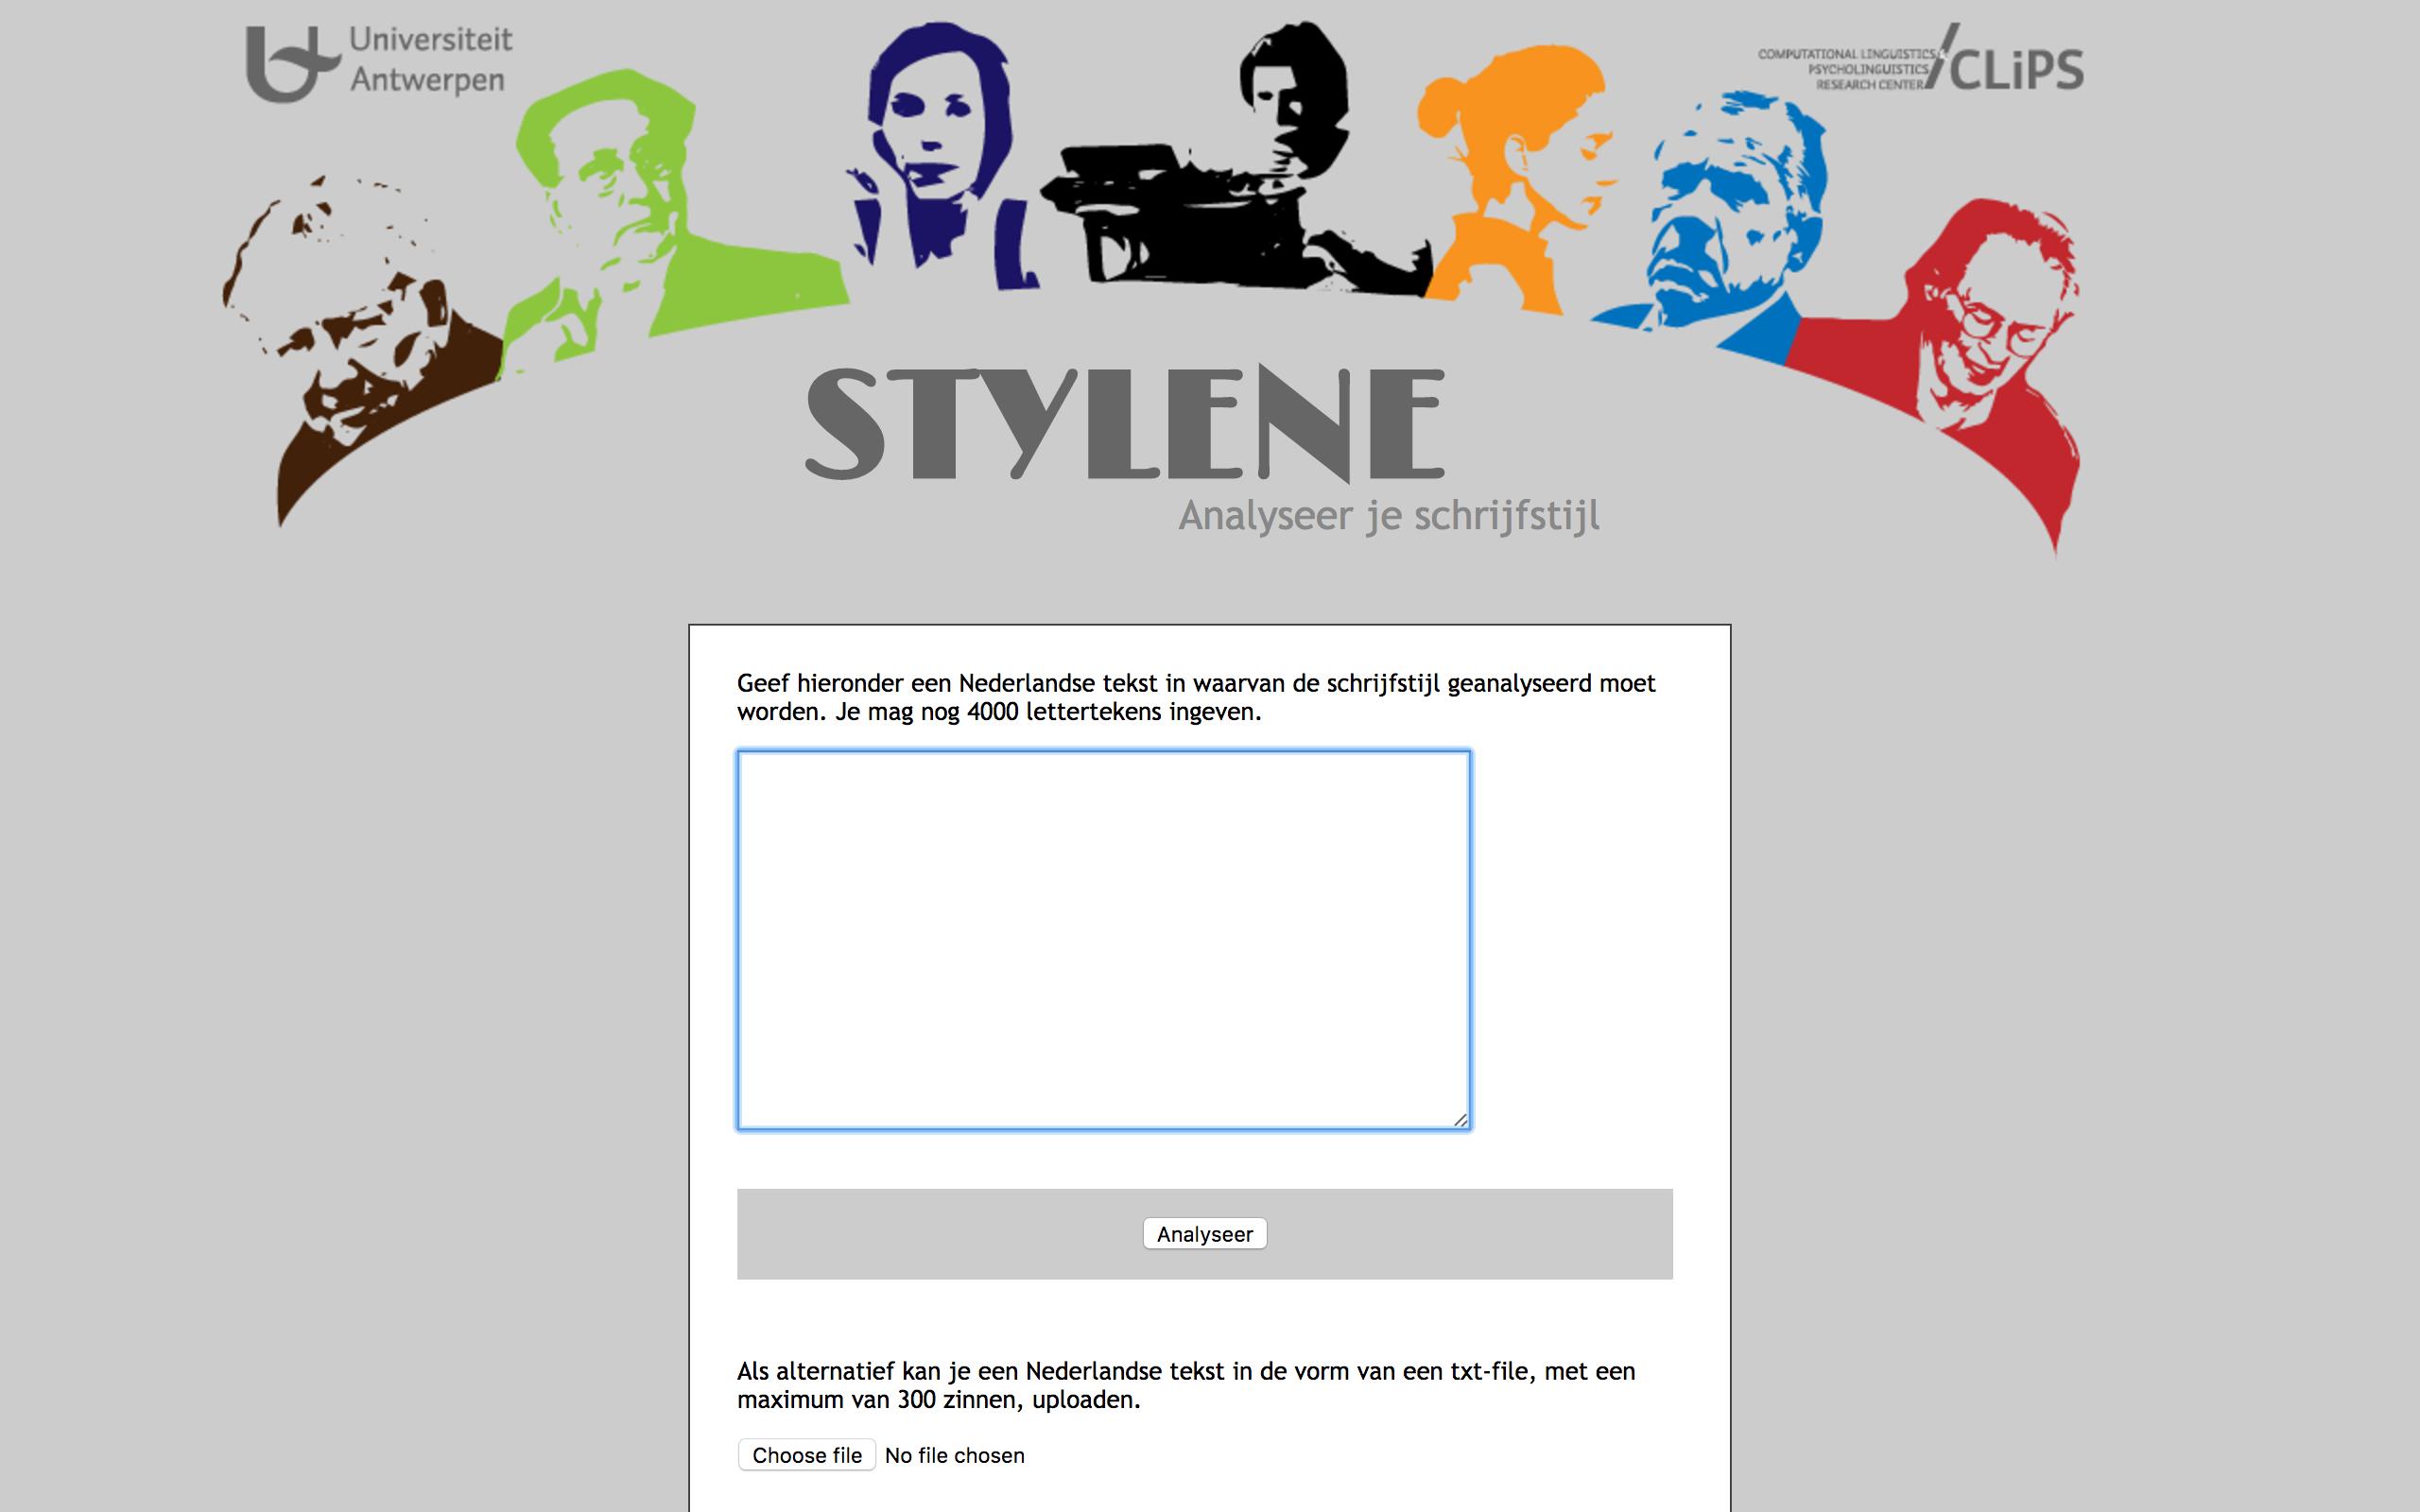 Stylene